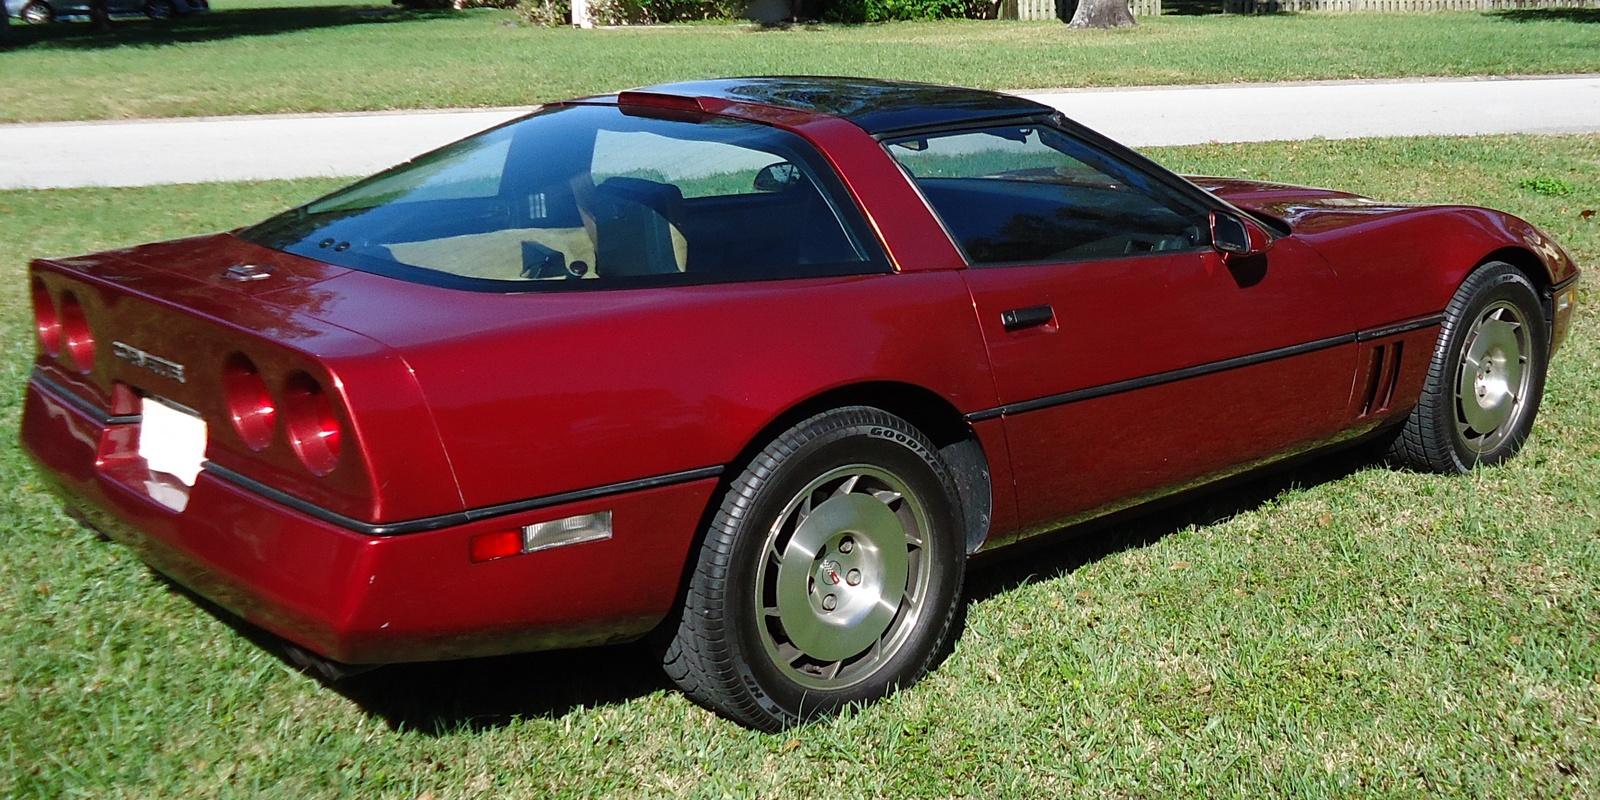 1986 Chevrolet Corvette Exterior Pictures Cargurus